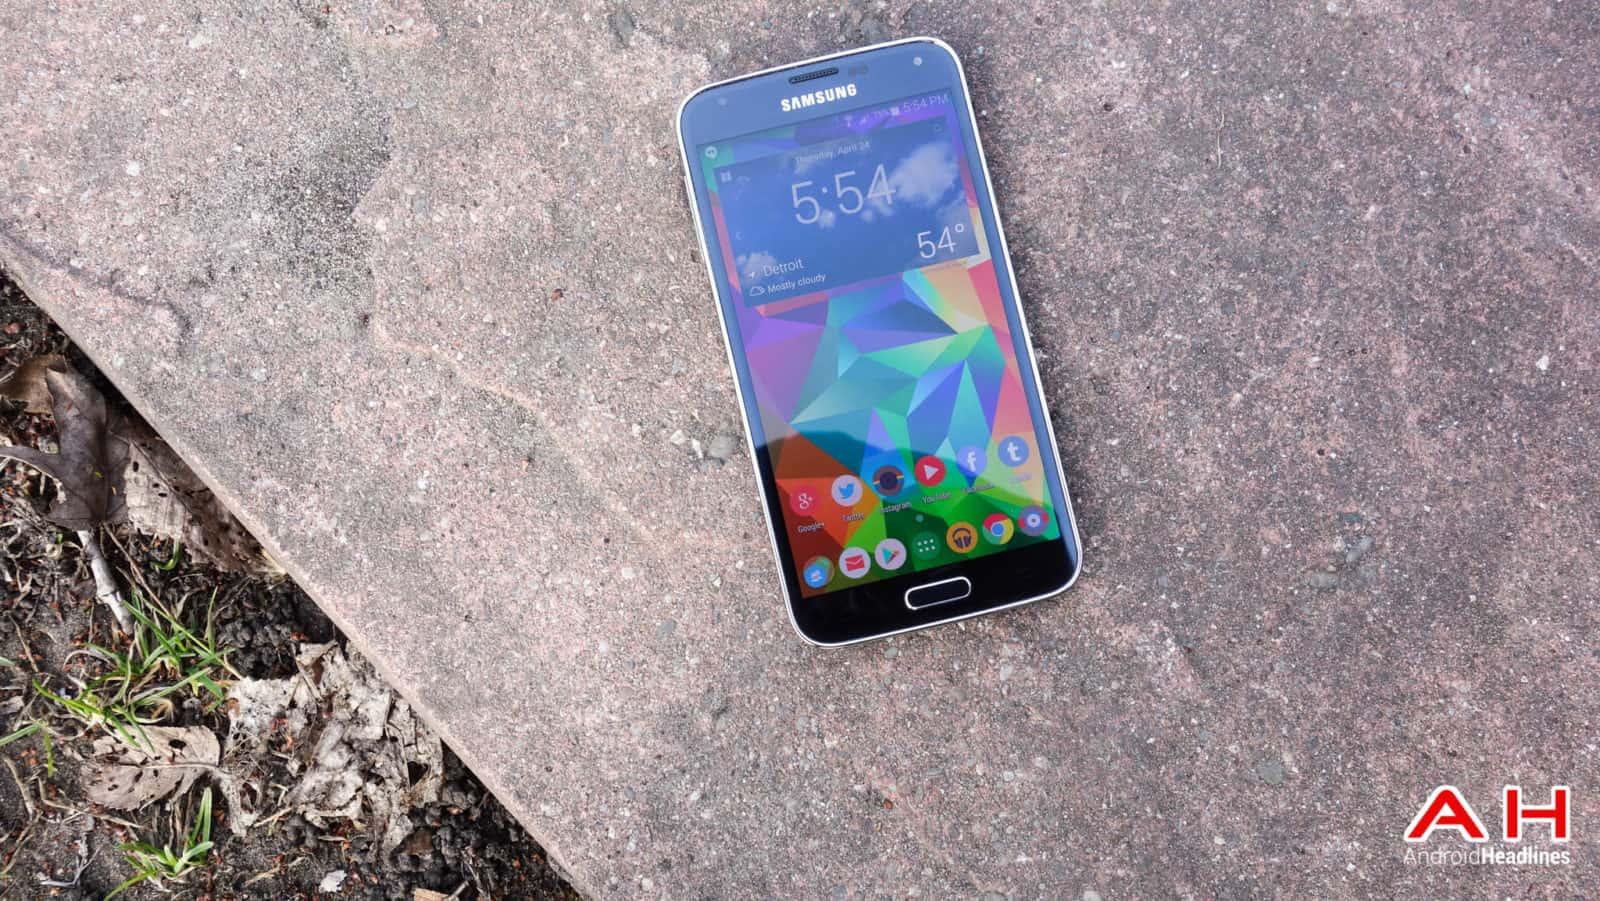 Samsung-Galaxy-S5-15